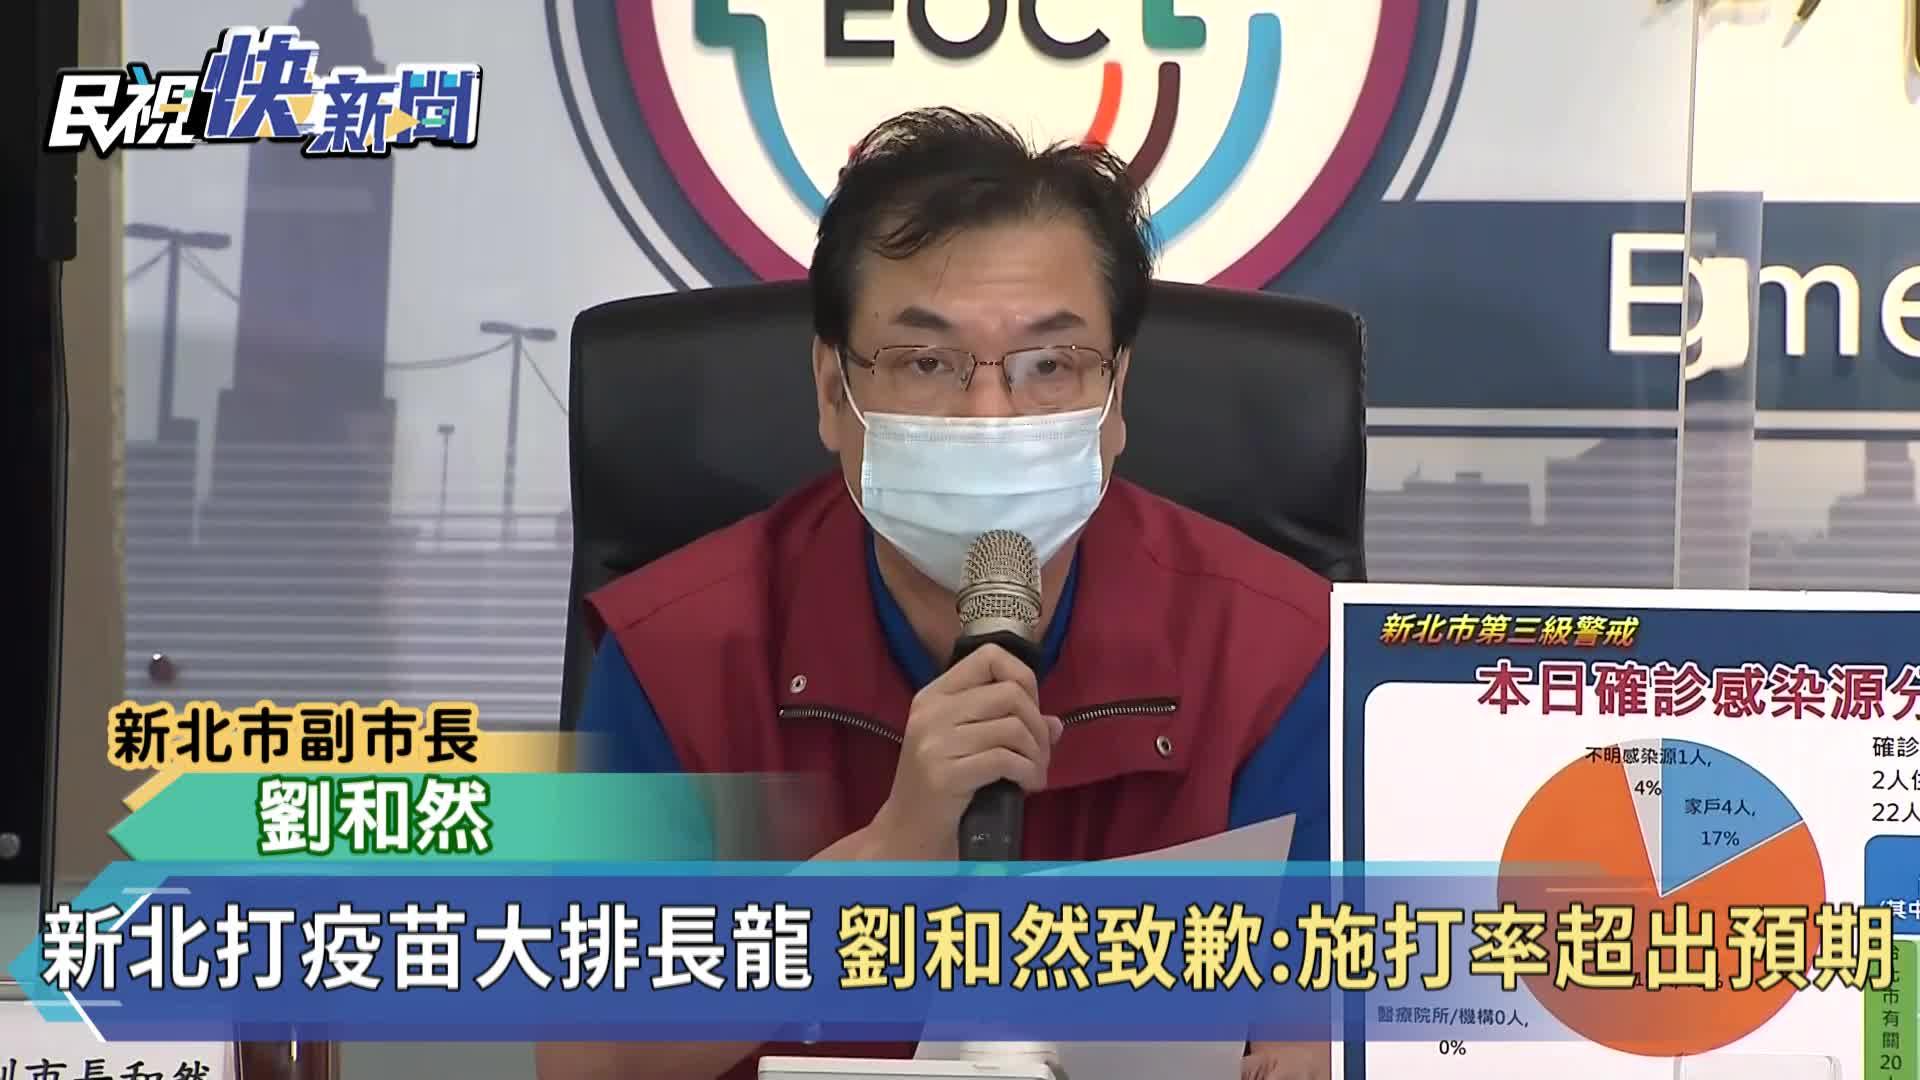 快新聞/葉天倫抱怨打疫苗大排長龍 新北致歉「施打率超乎預期」